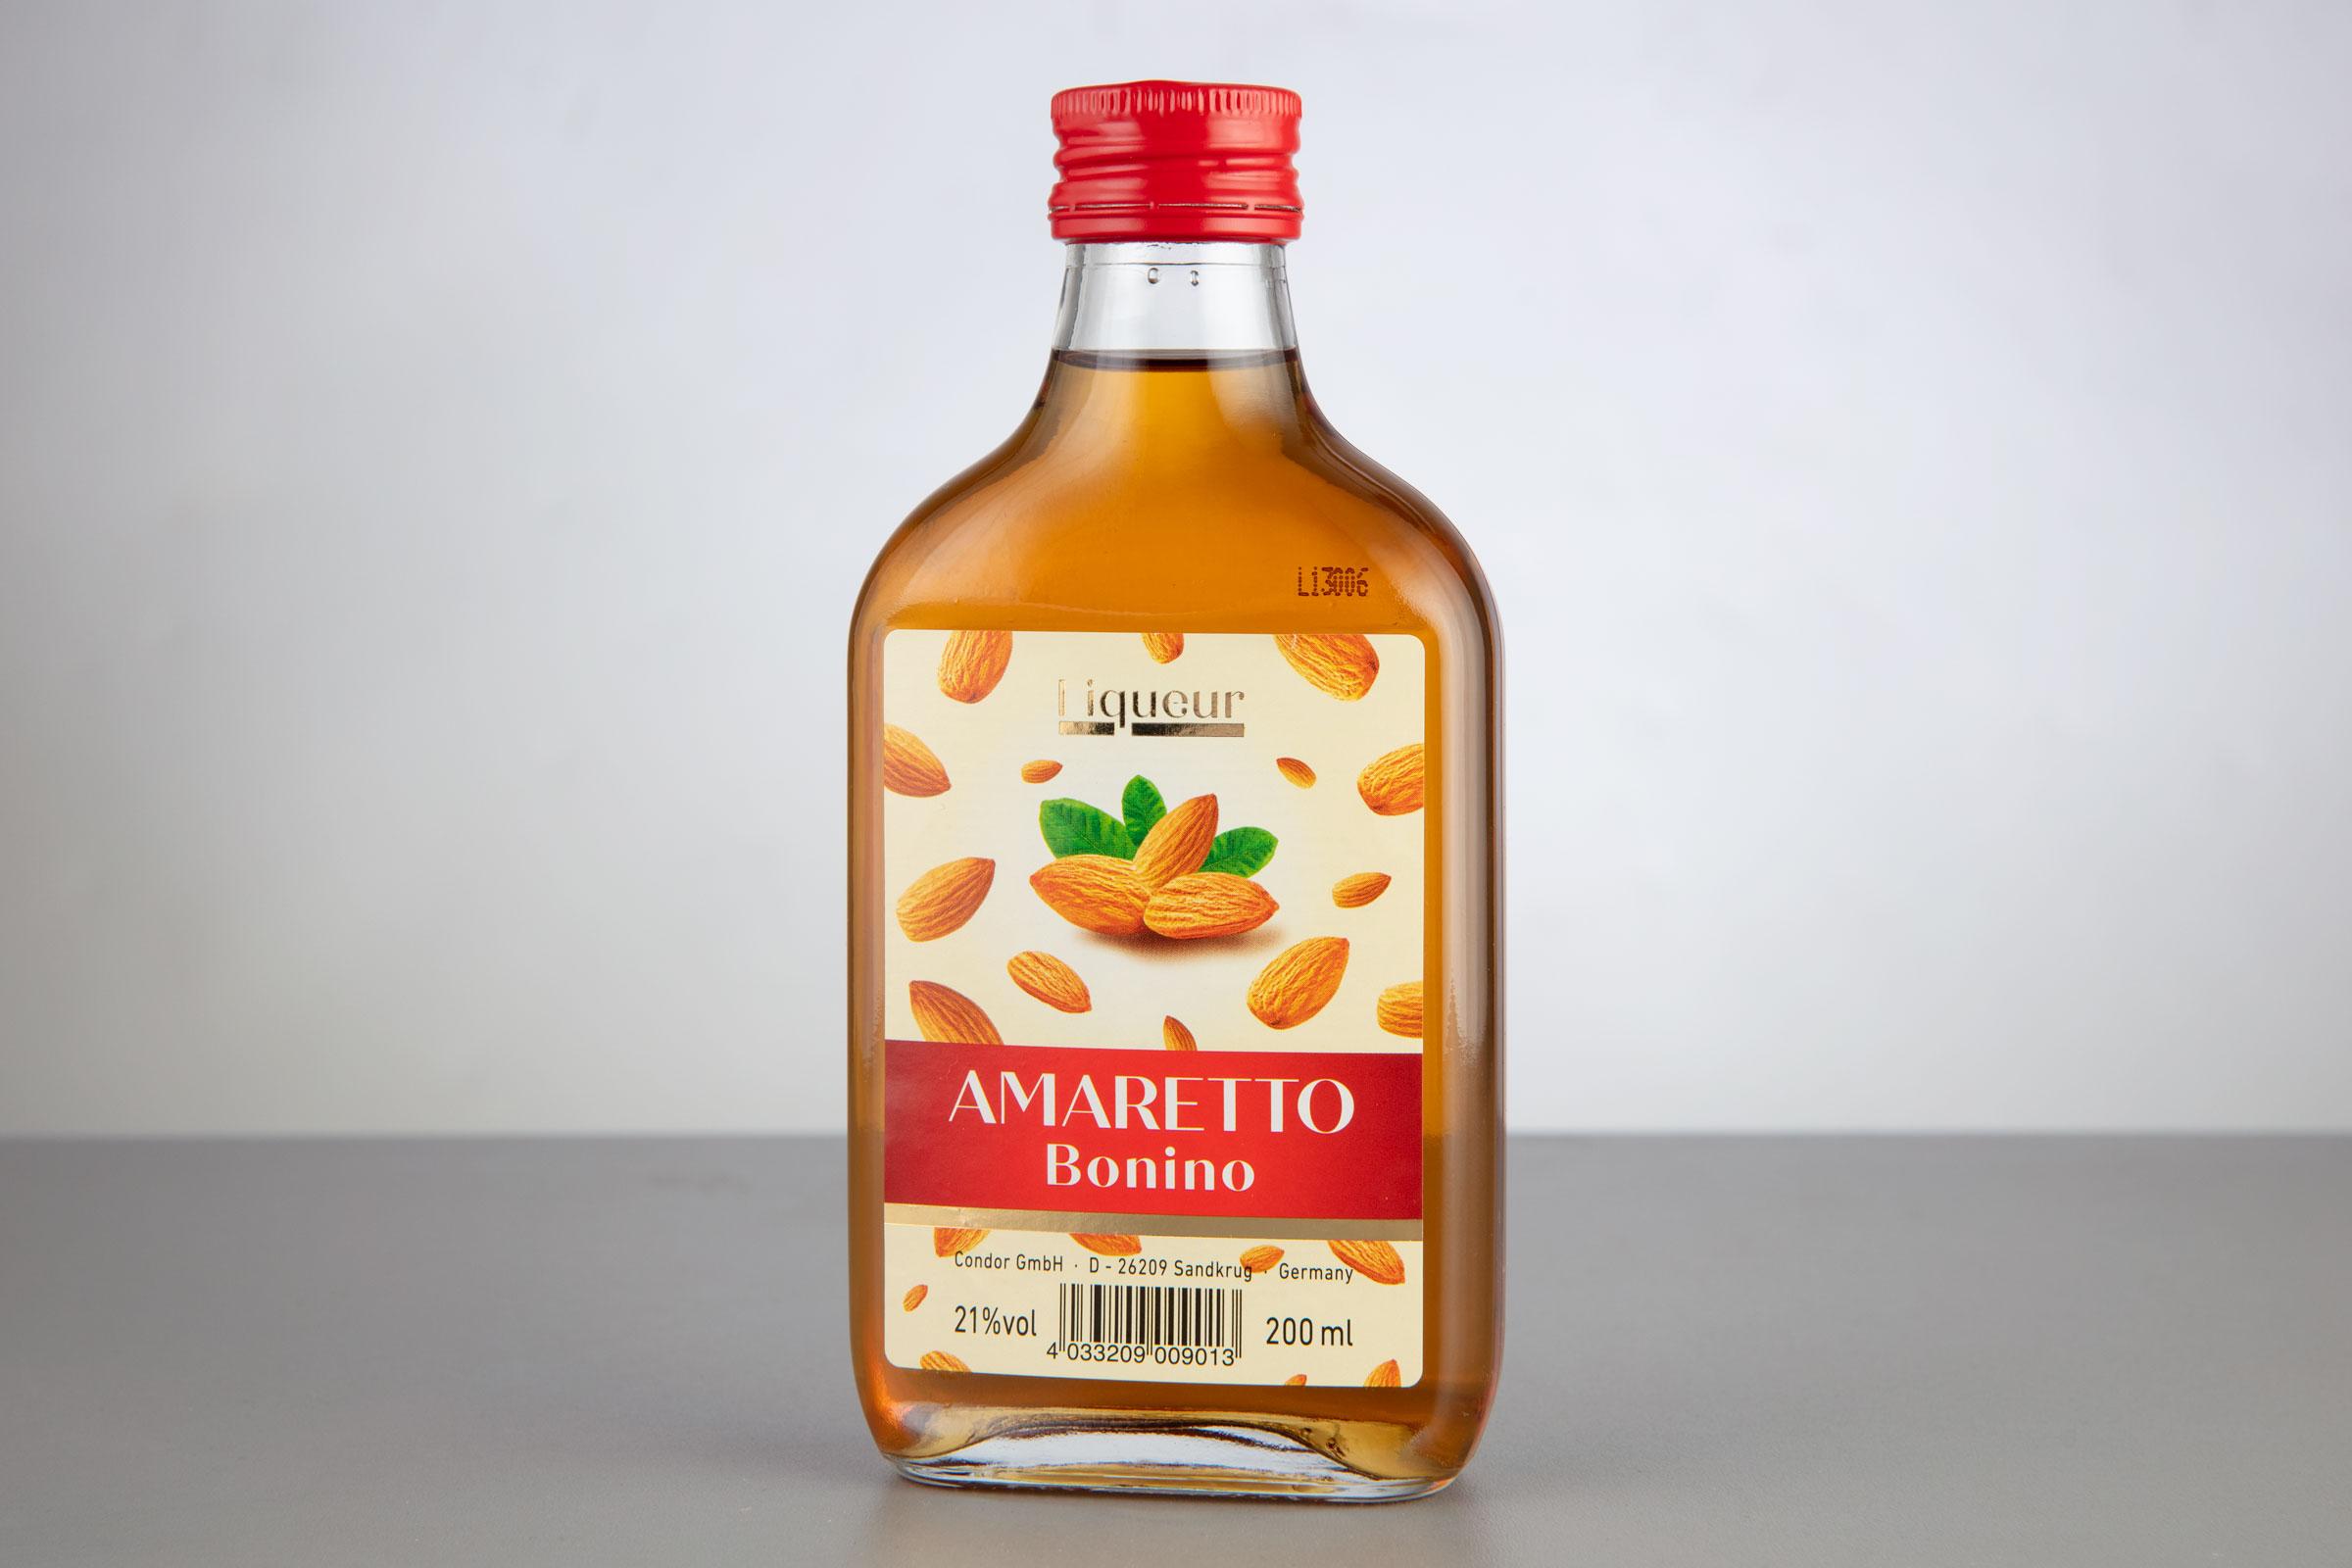 Amareto Bonino - LTT AS